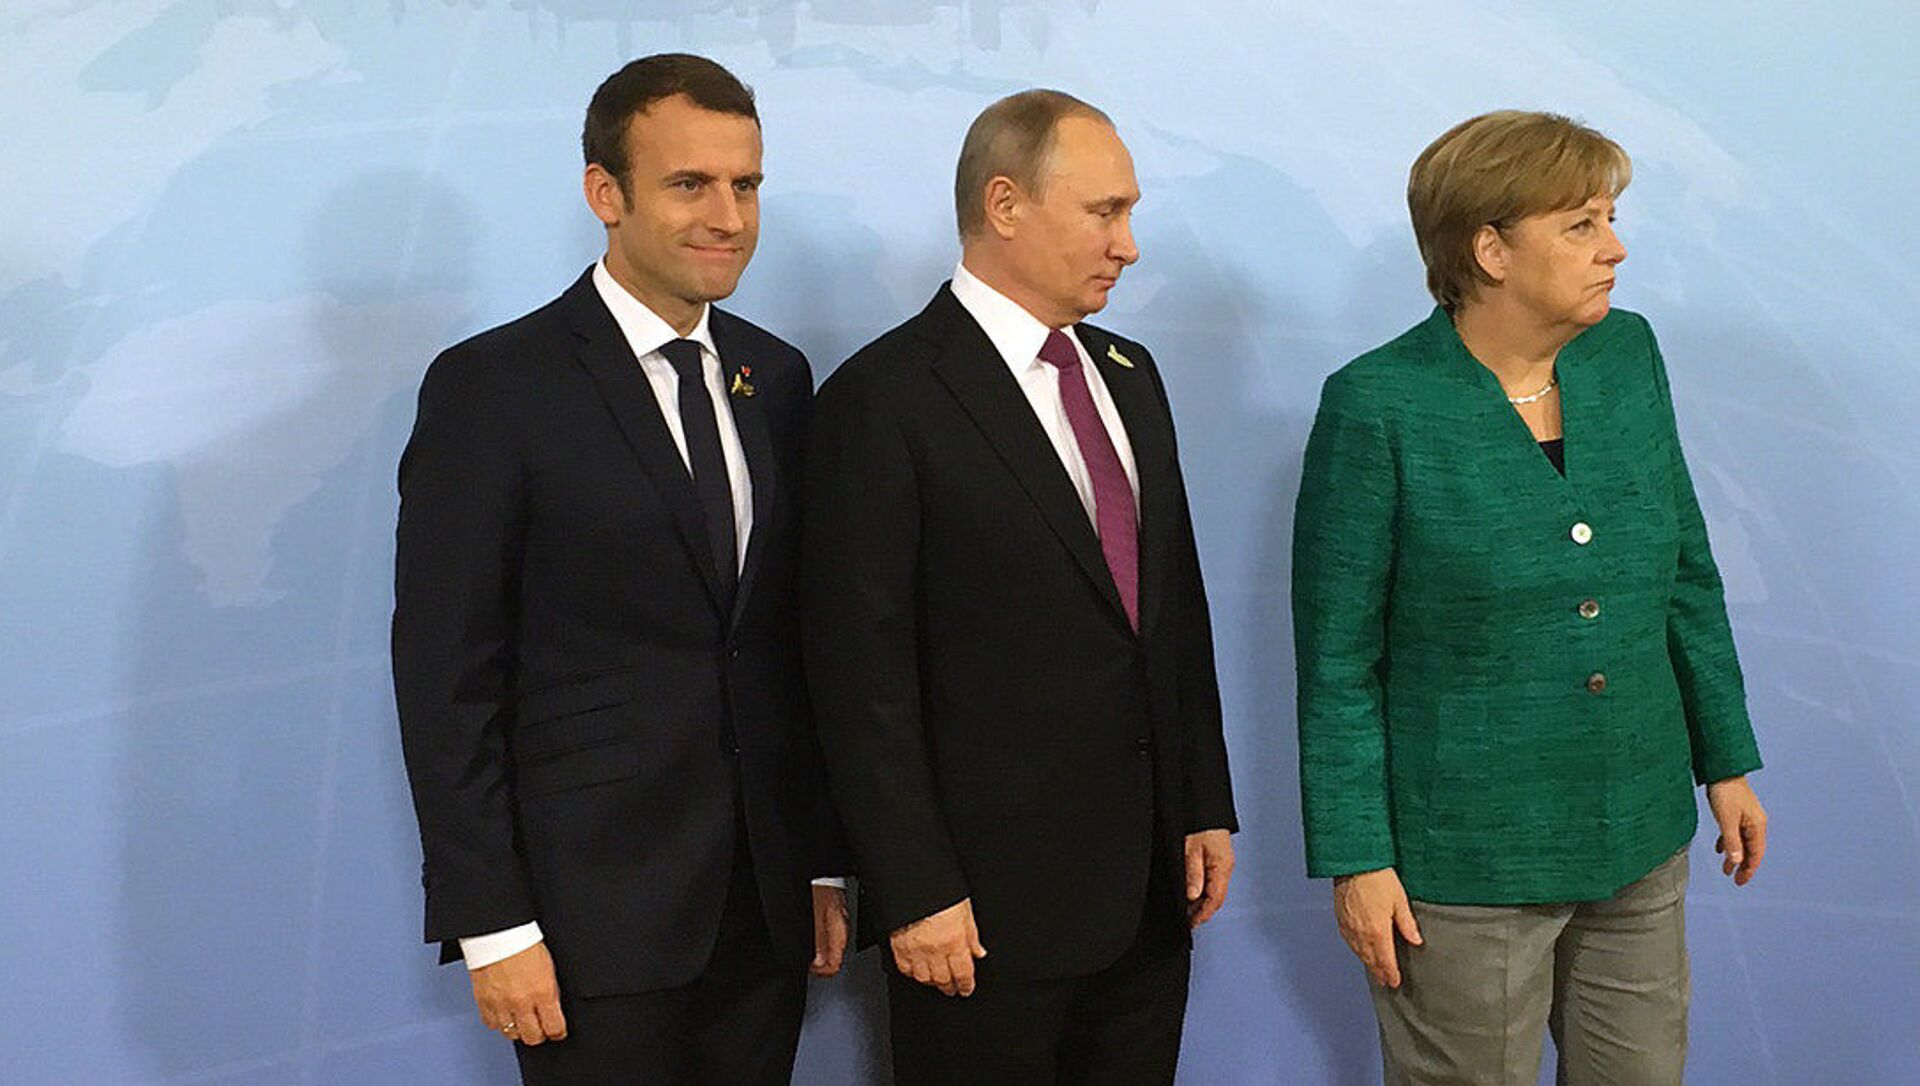 Schůzka ruského prezidenta Vladimira Putina s německou kancléřkou Angelou Merkelovou a s prezidentem Francie Emmanuelem Macronem. Ilustrační foto - Sputnik Česká republika, 1920, 31.03.2021